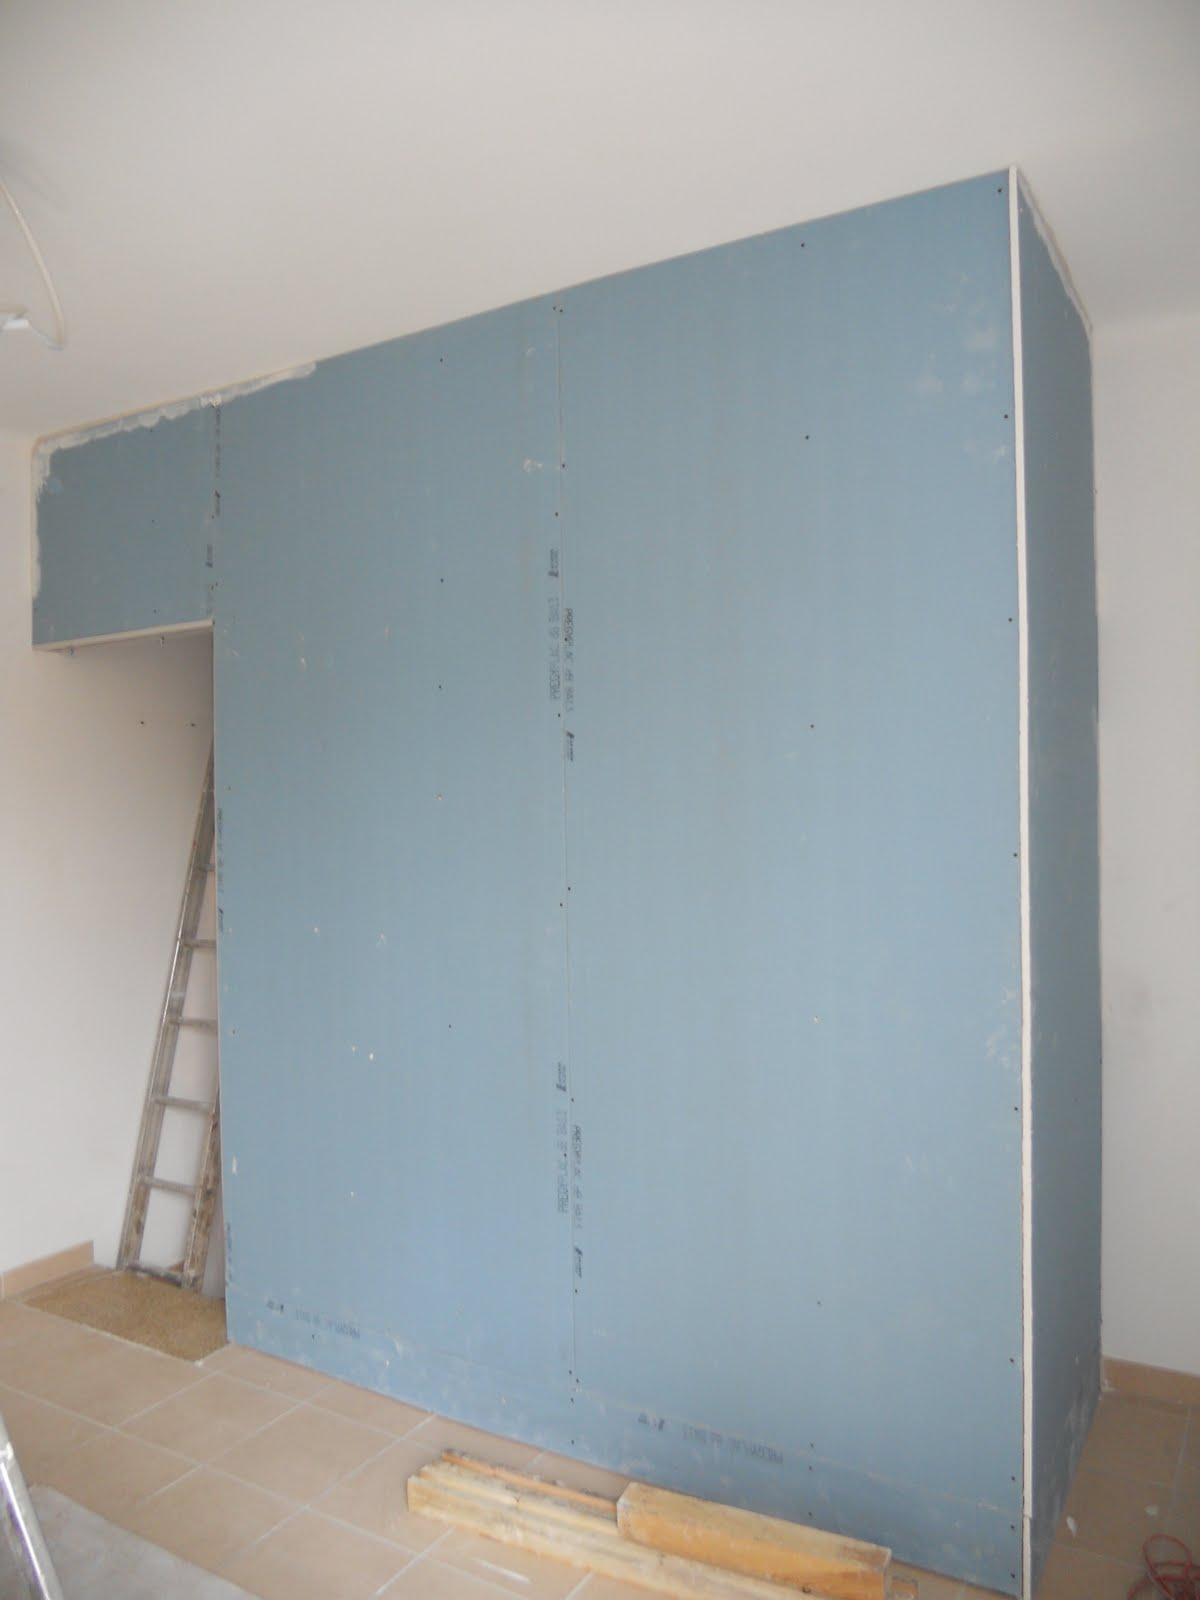 alexandre nimes plaquiste jointeur tel cloison en ba13 phonique lafarge db et. Black Bedroom Furniture Sets. Home Design Ideas